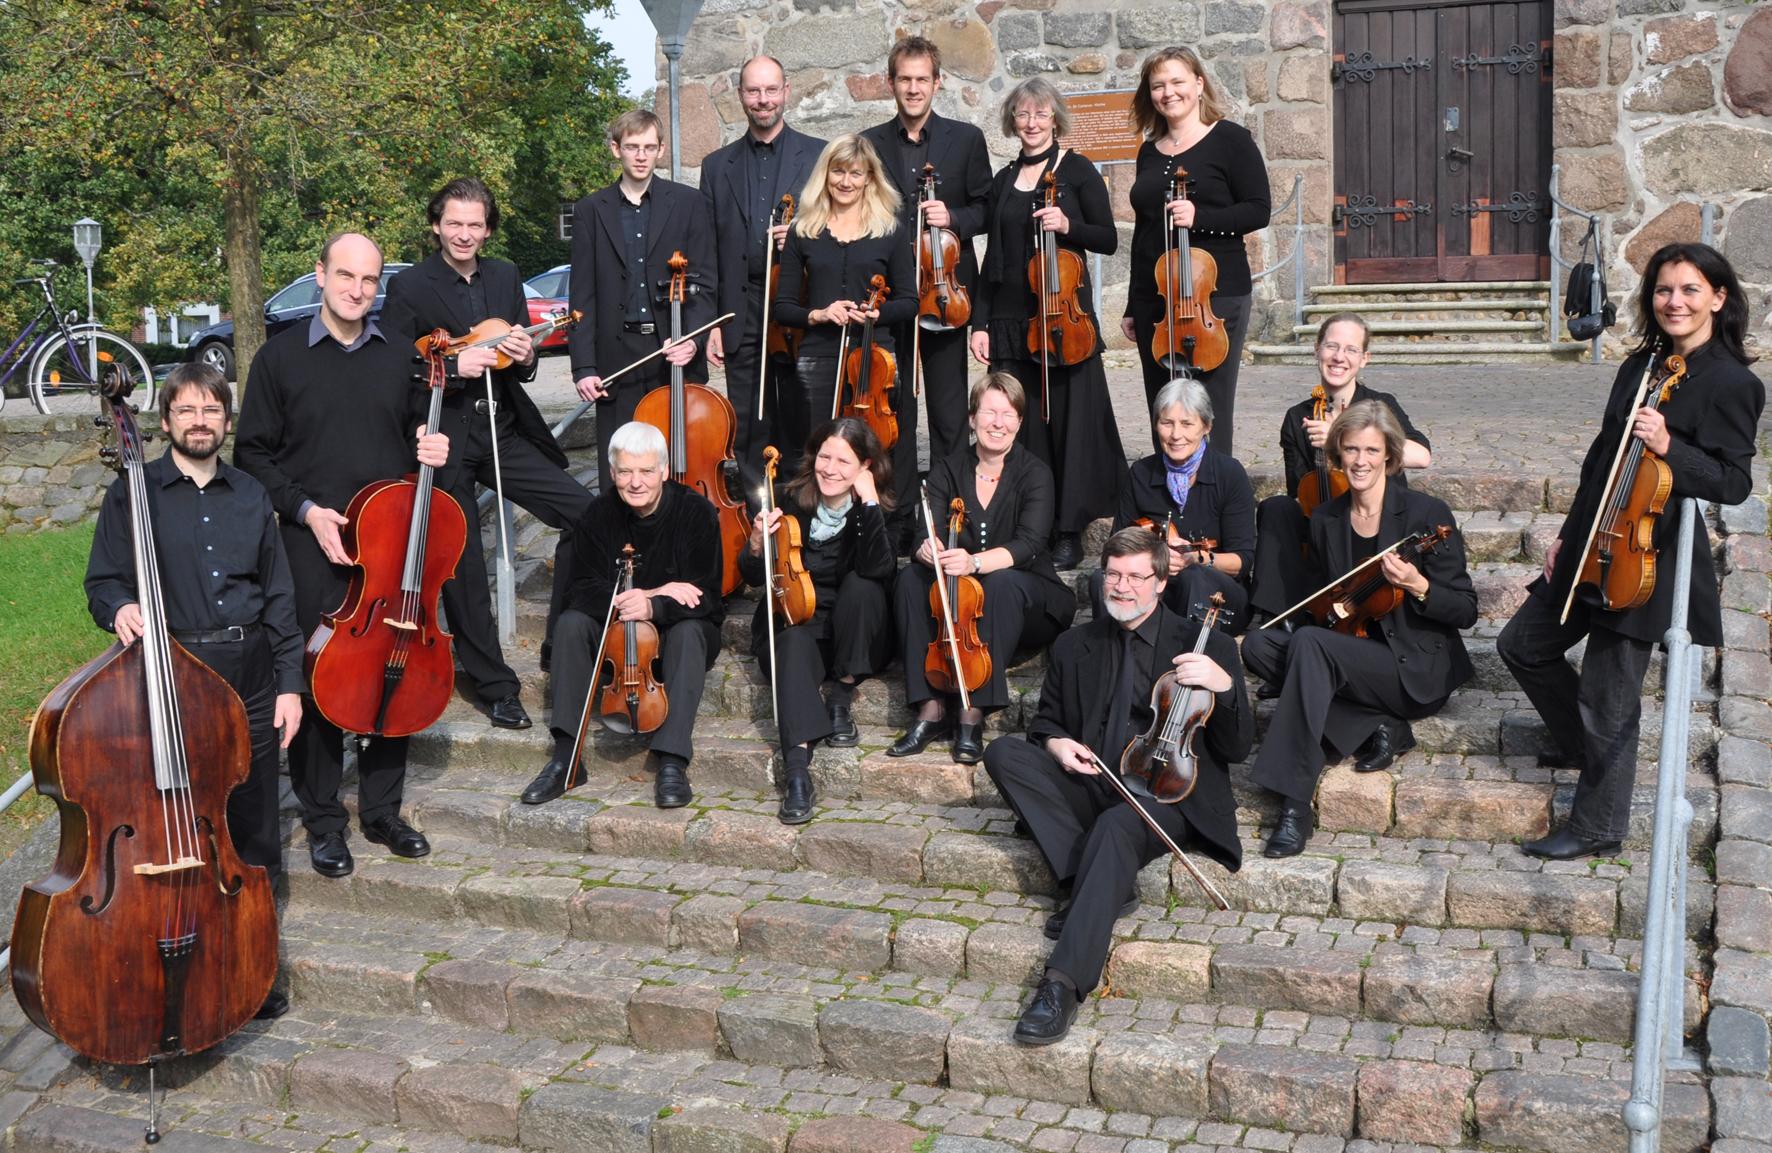 concertoelmshorn